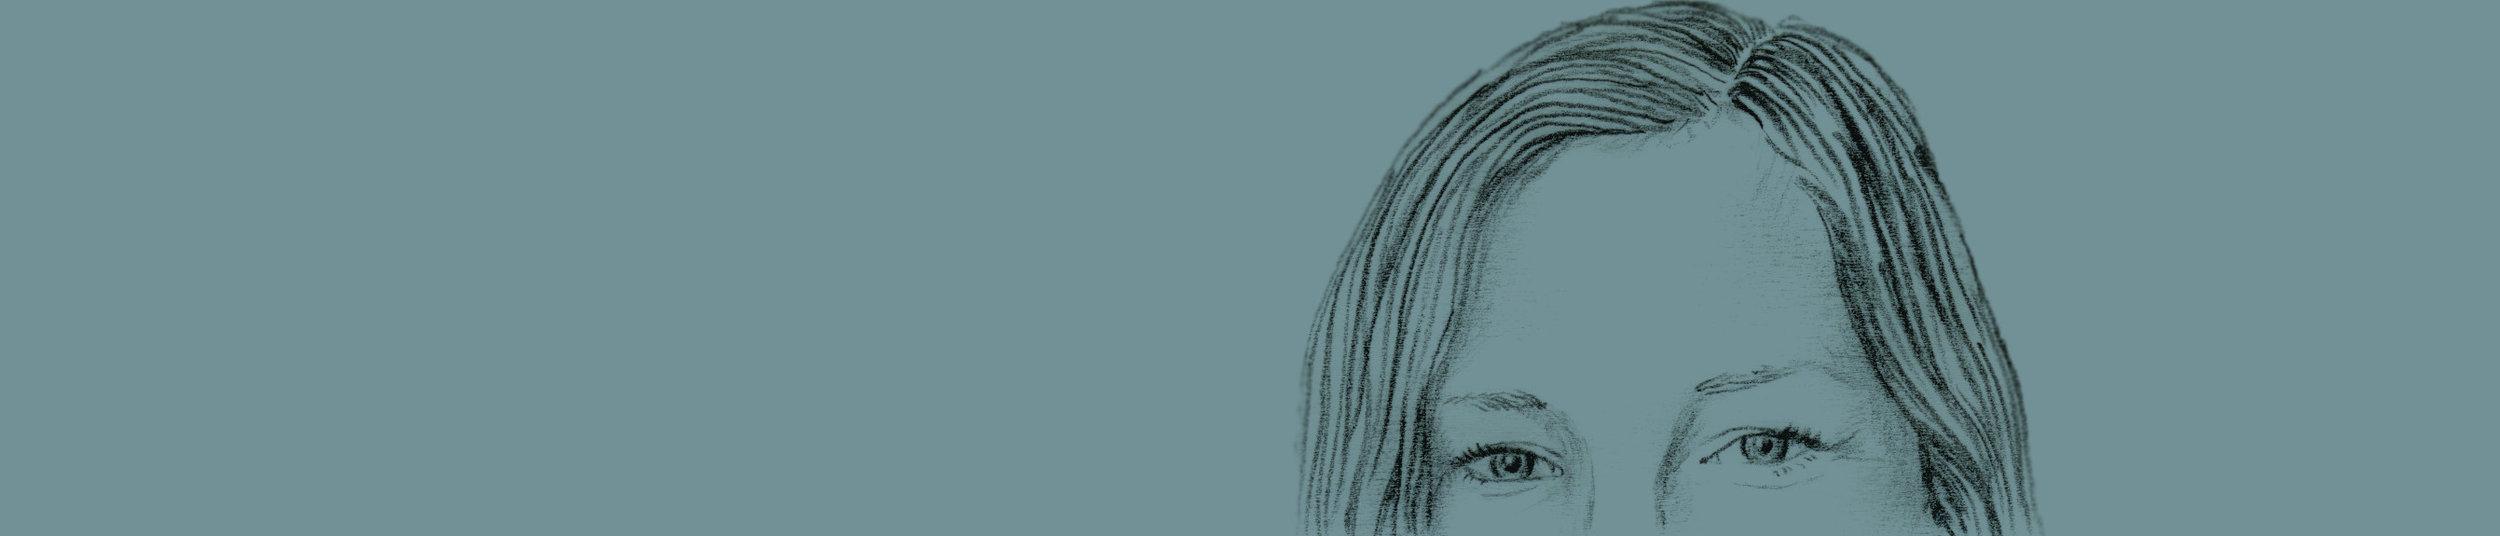 my_face_blue.jpg